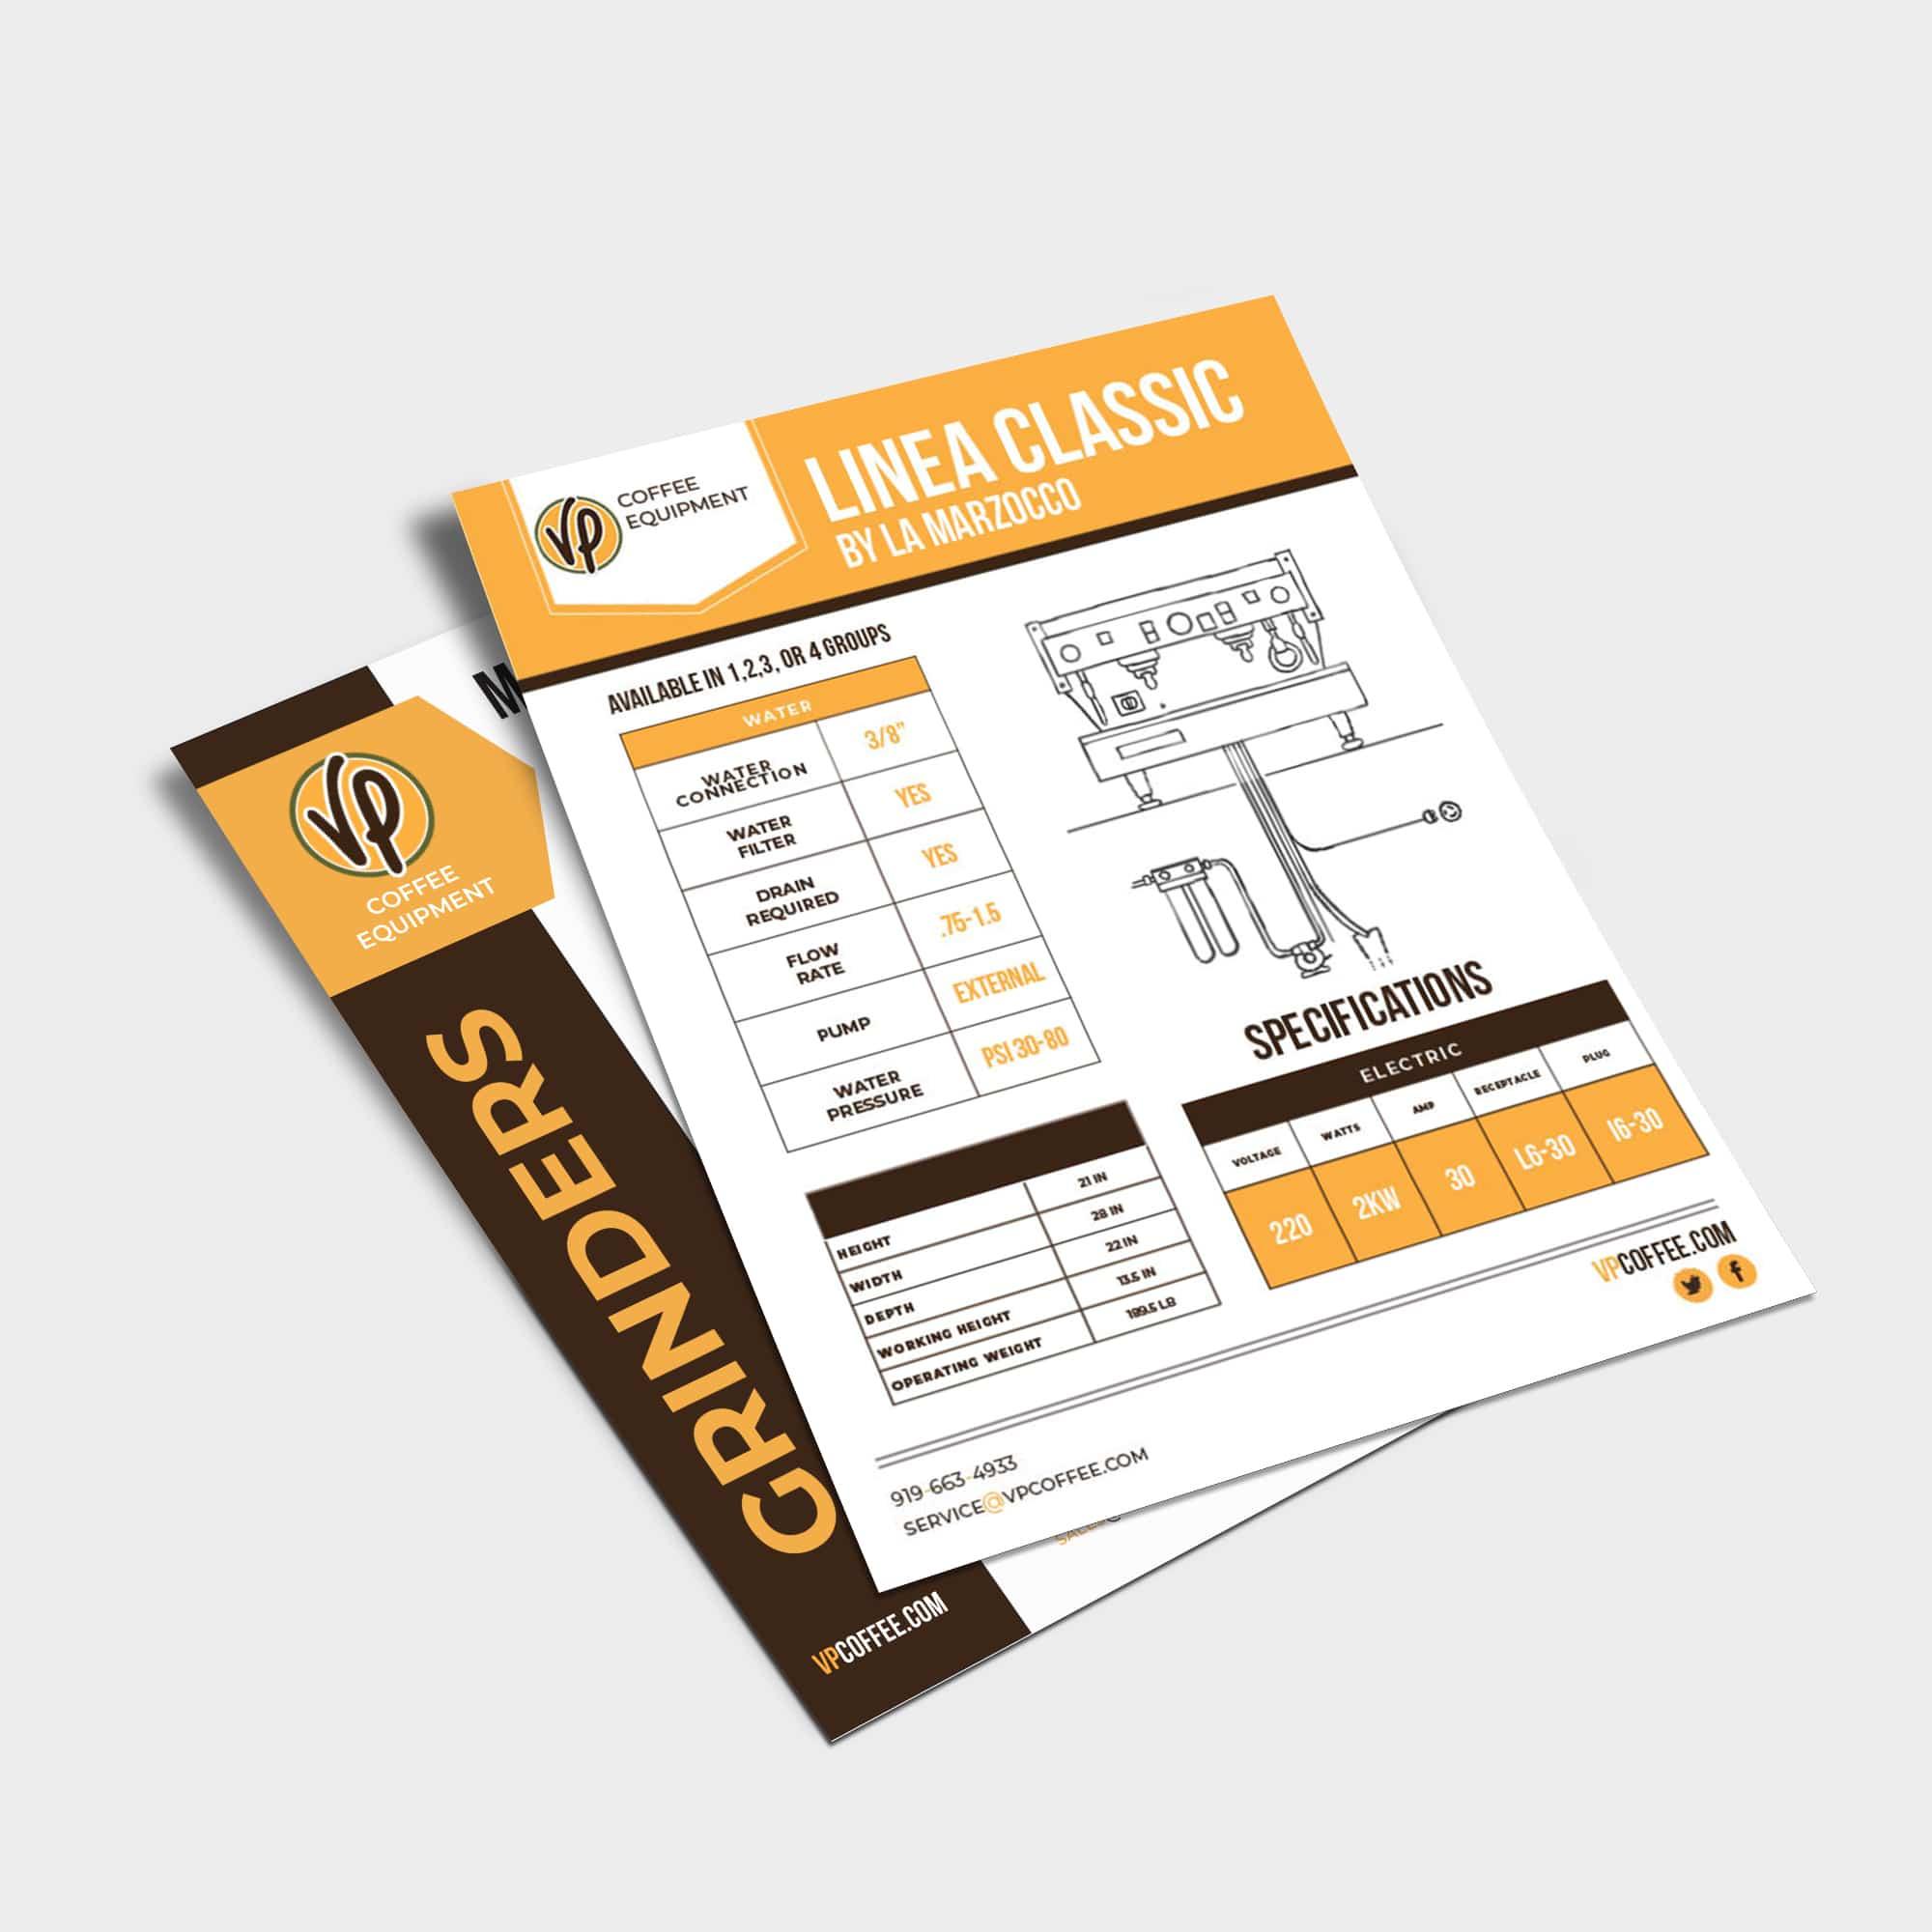 Spec sheet for illustration page